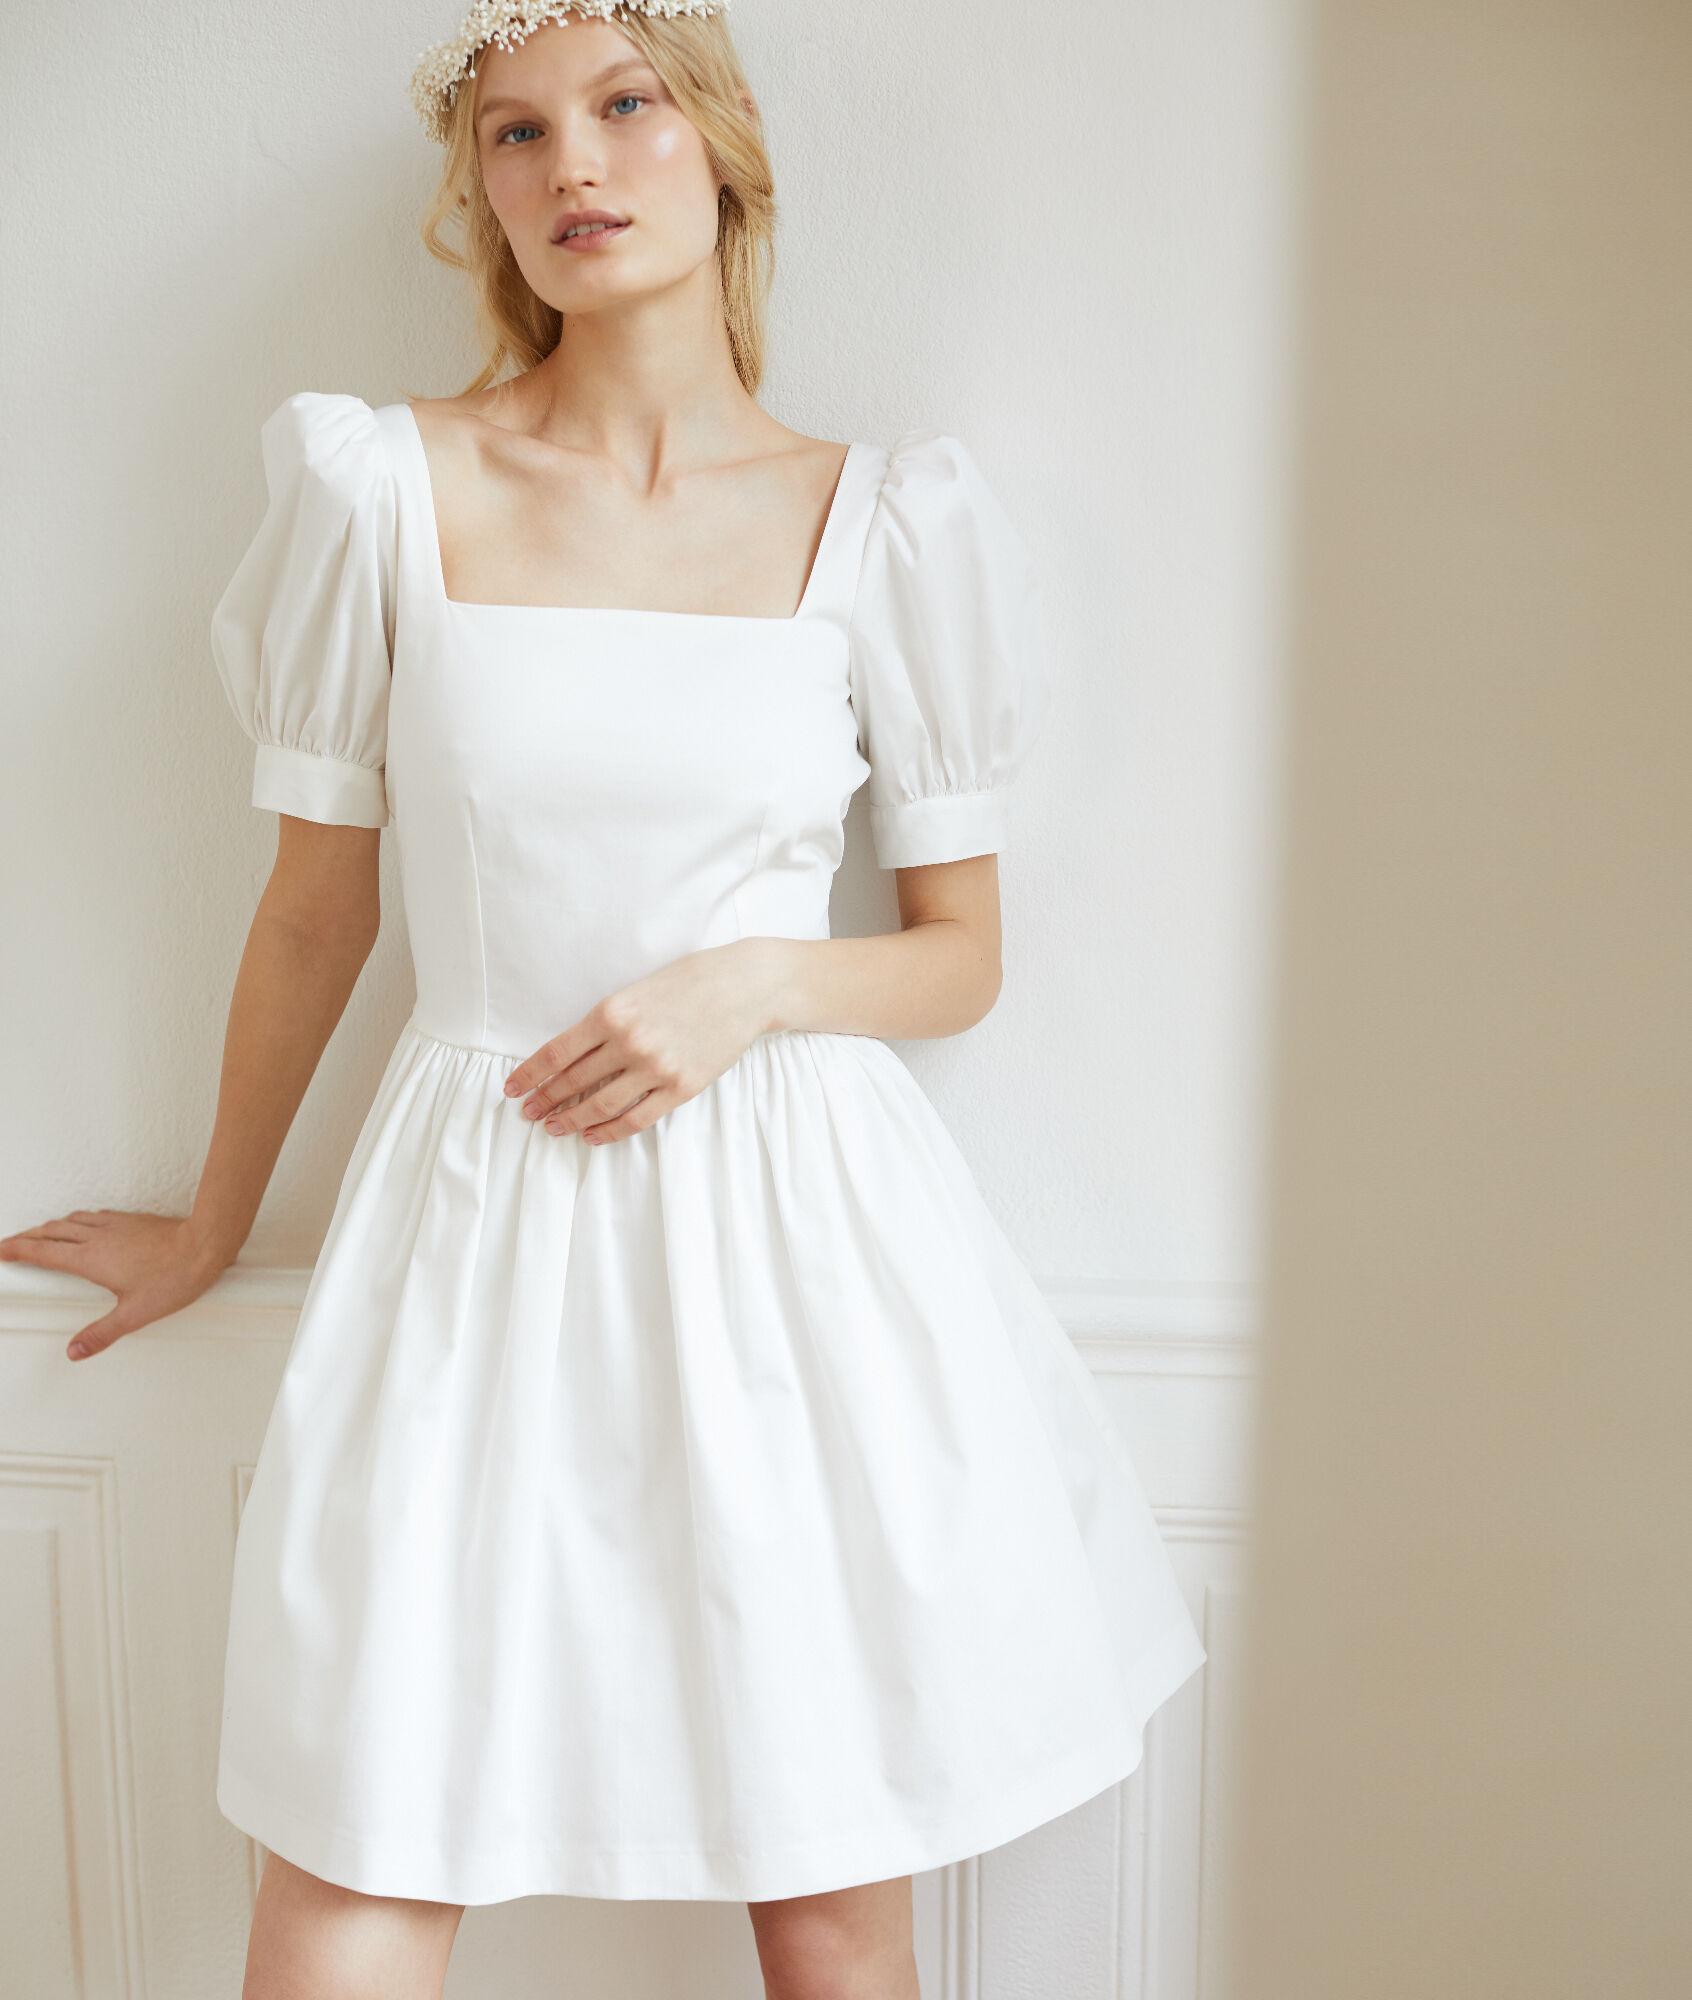 62ba04234 Vestido con mangas globo en satén de algodón - LILY - CRUDO - Etam